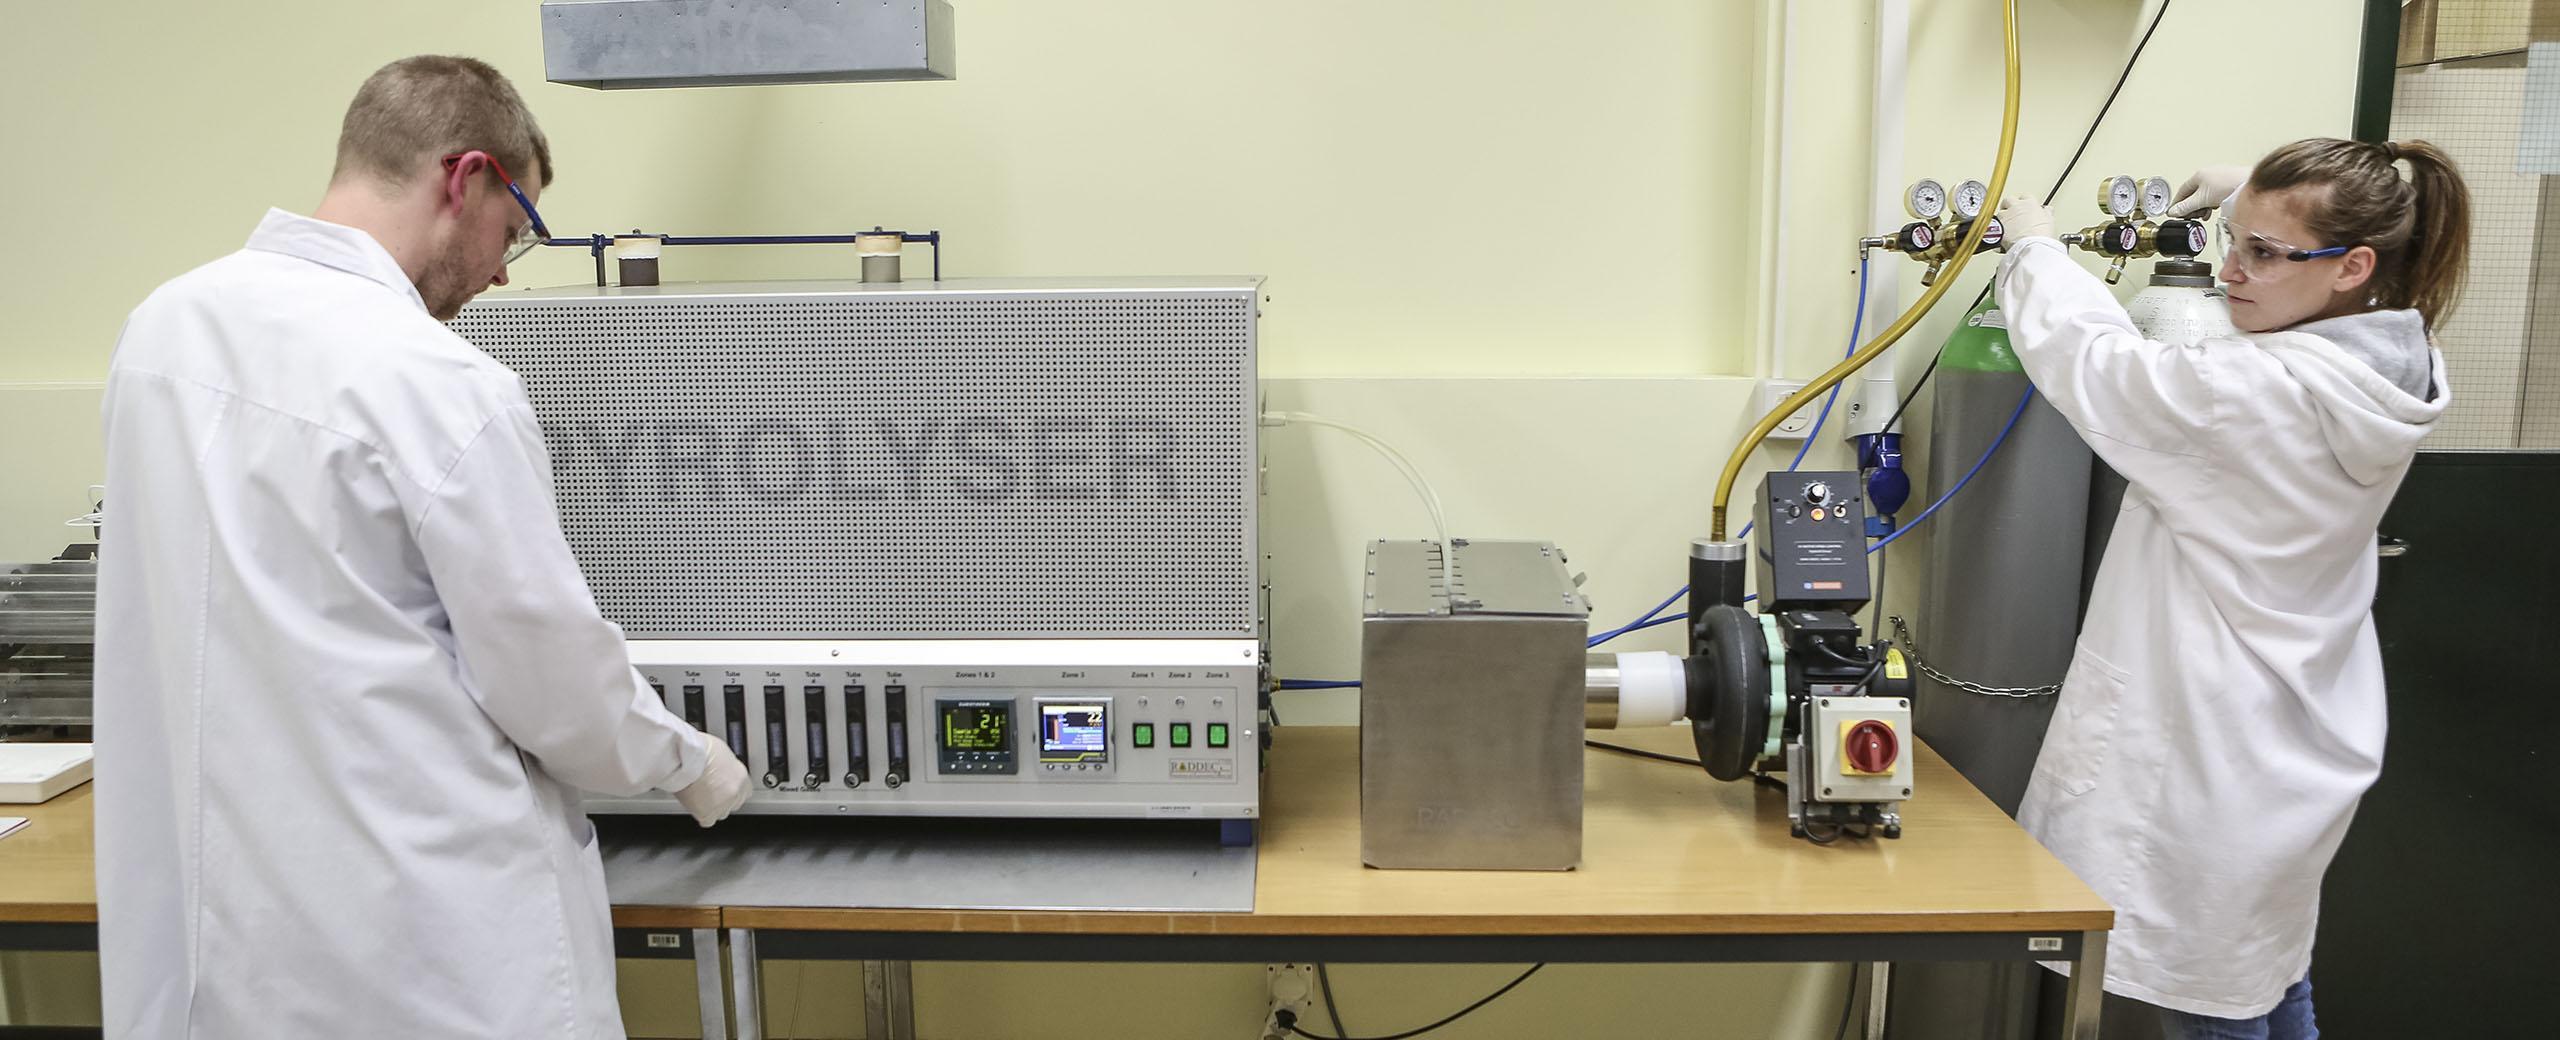 pyrolyse d'échantillons pour l'analyse par spectrométrie béta